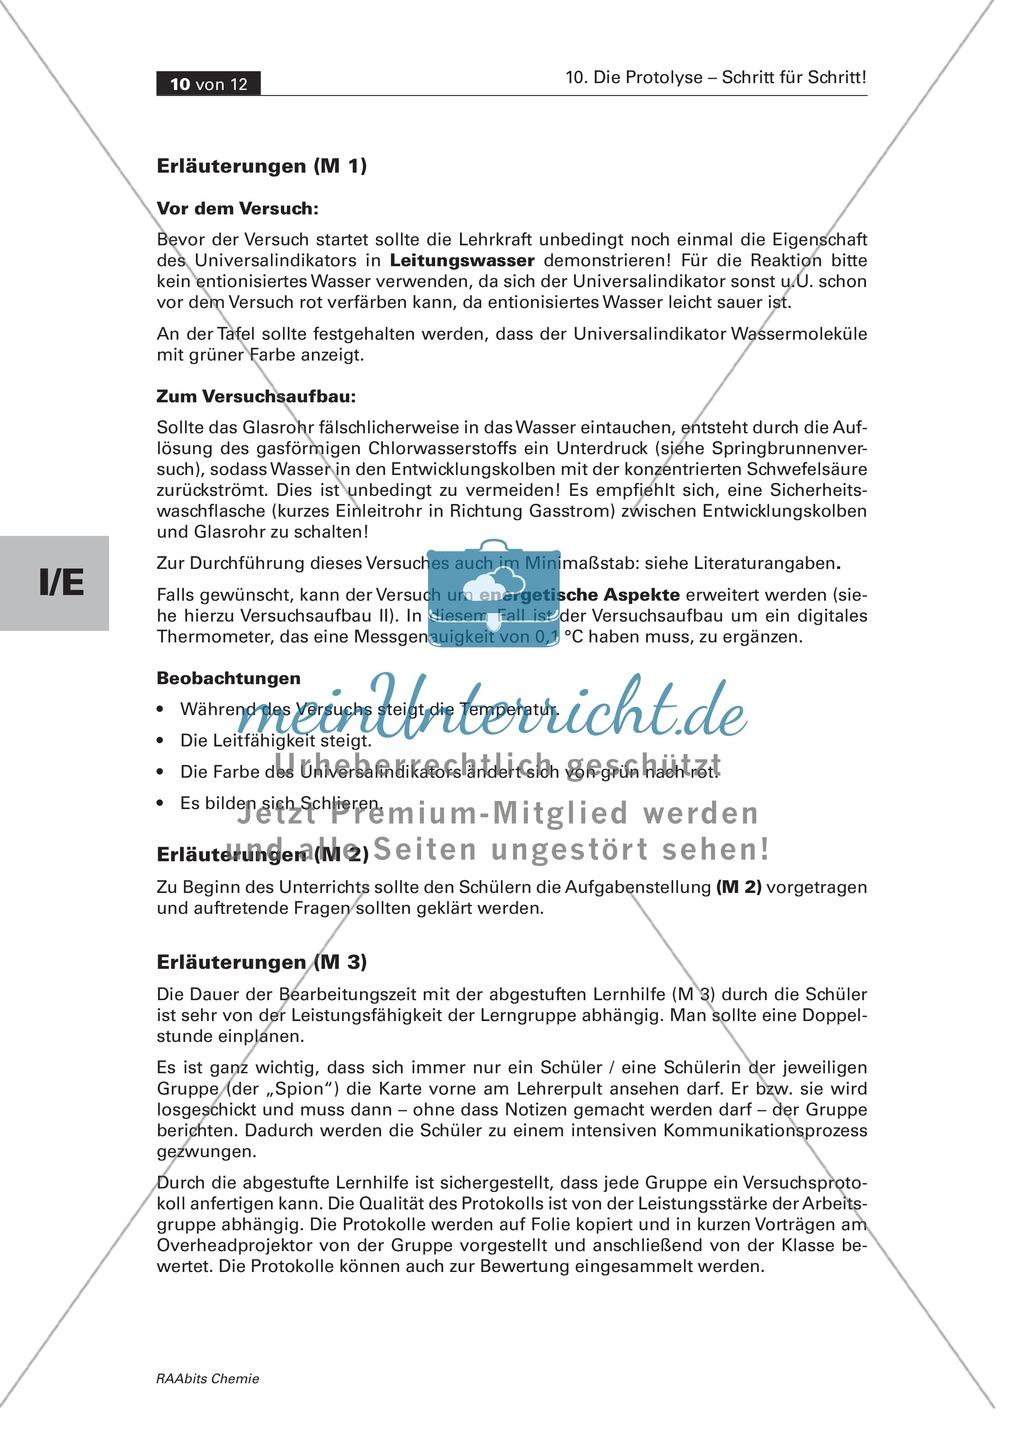 Selbstständige Erarbeitung der Protolyse mit abgestuften Lernhilfen Preview 8